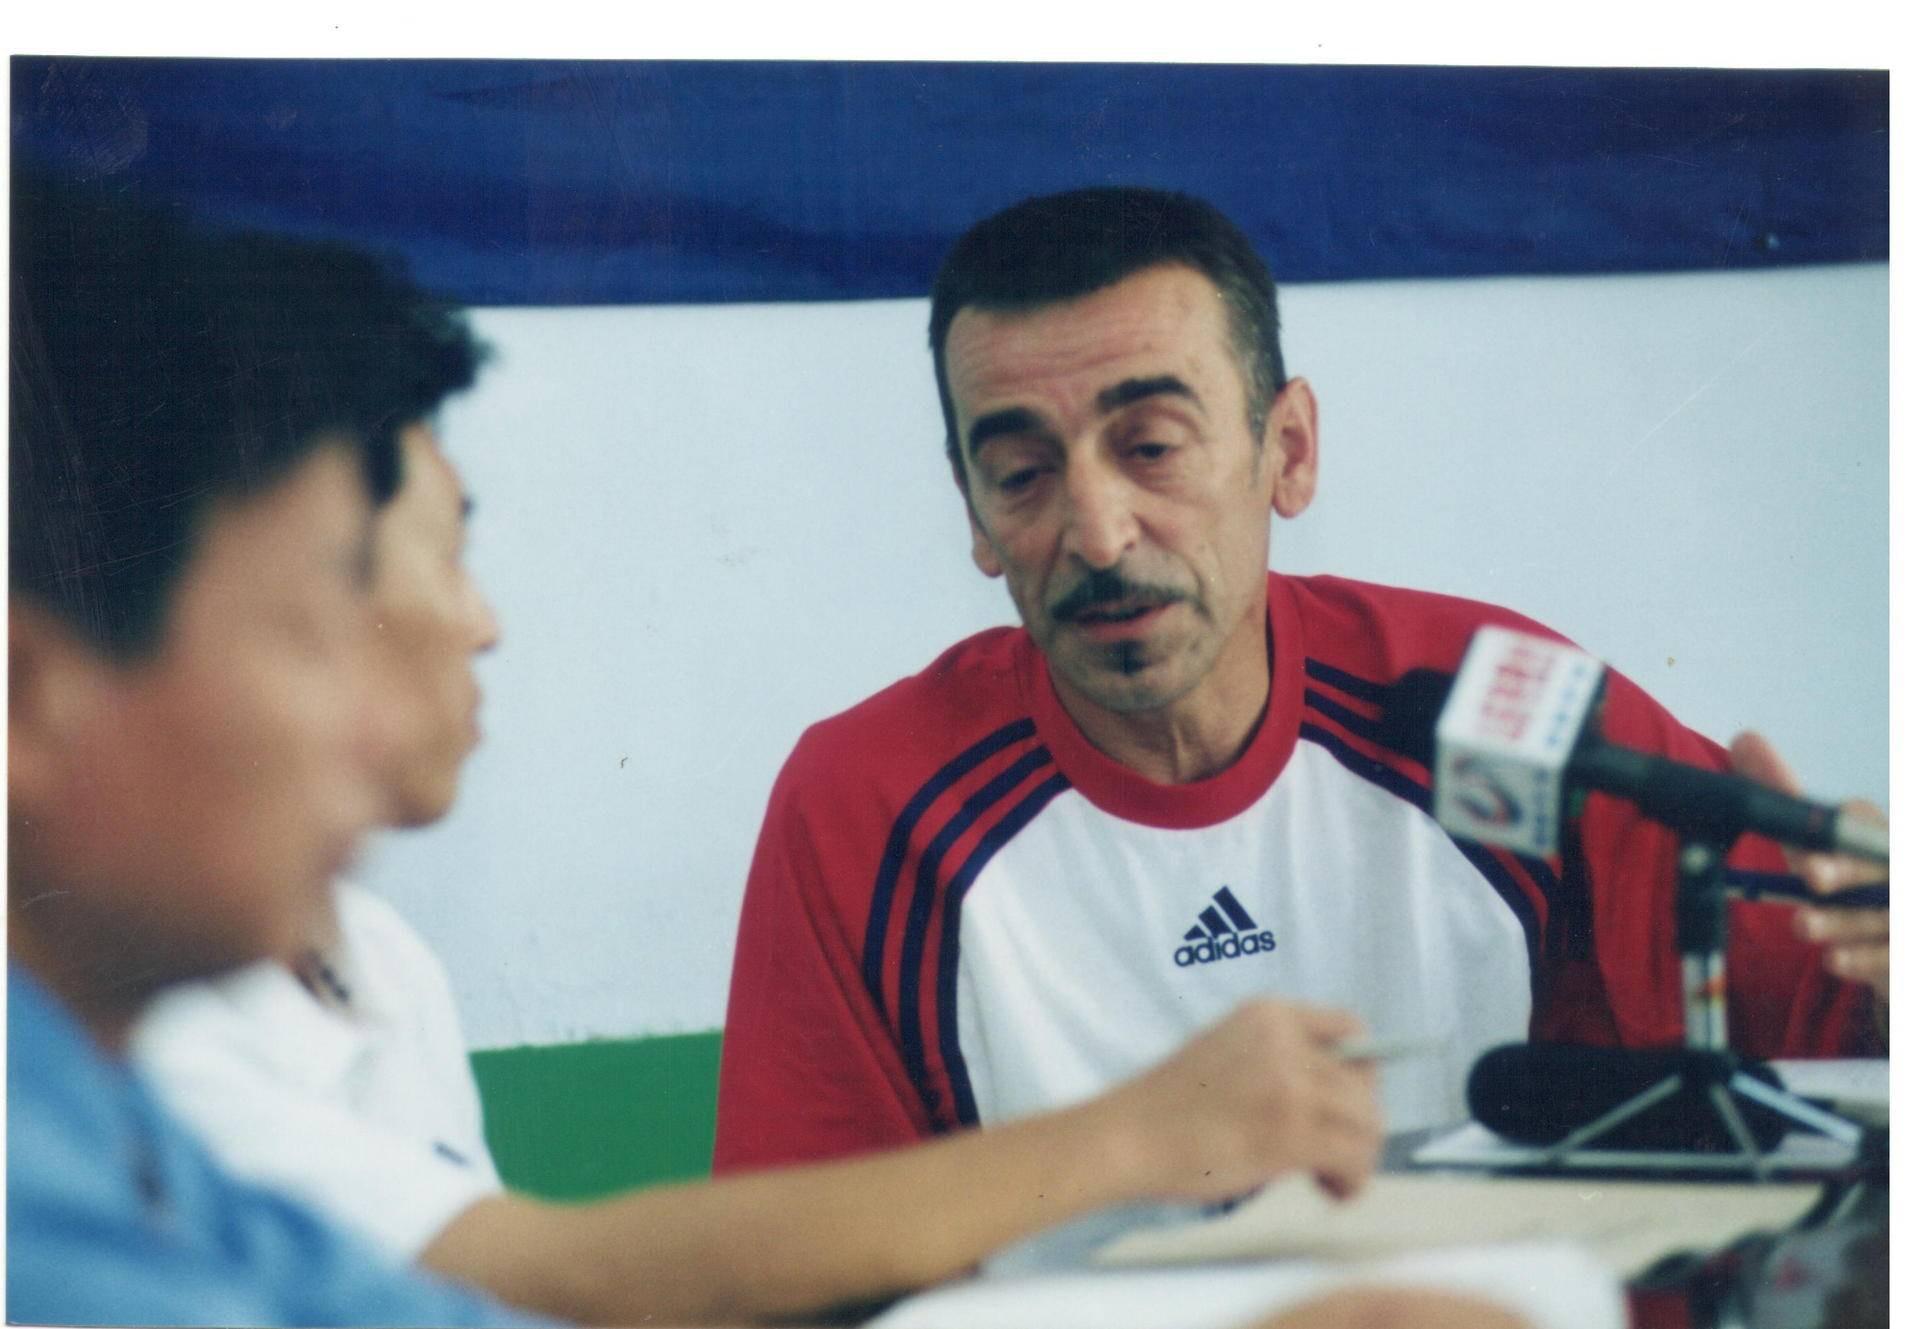 扎根中国二十年的前南青训专家,曾培育出过半支国度队